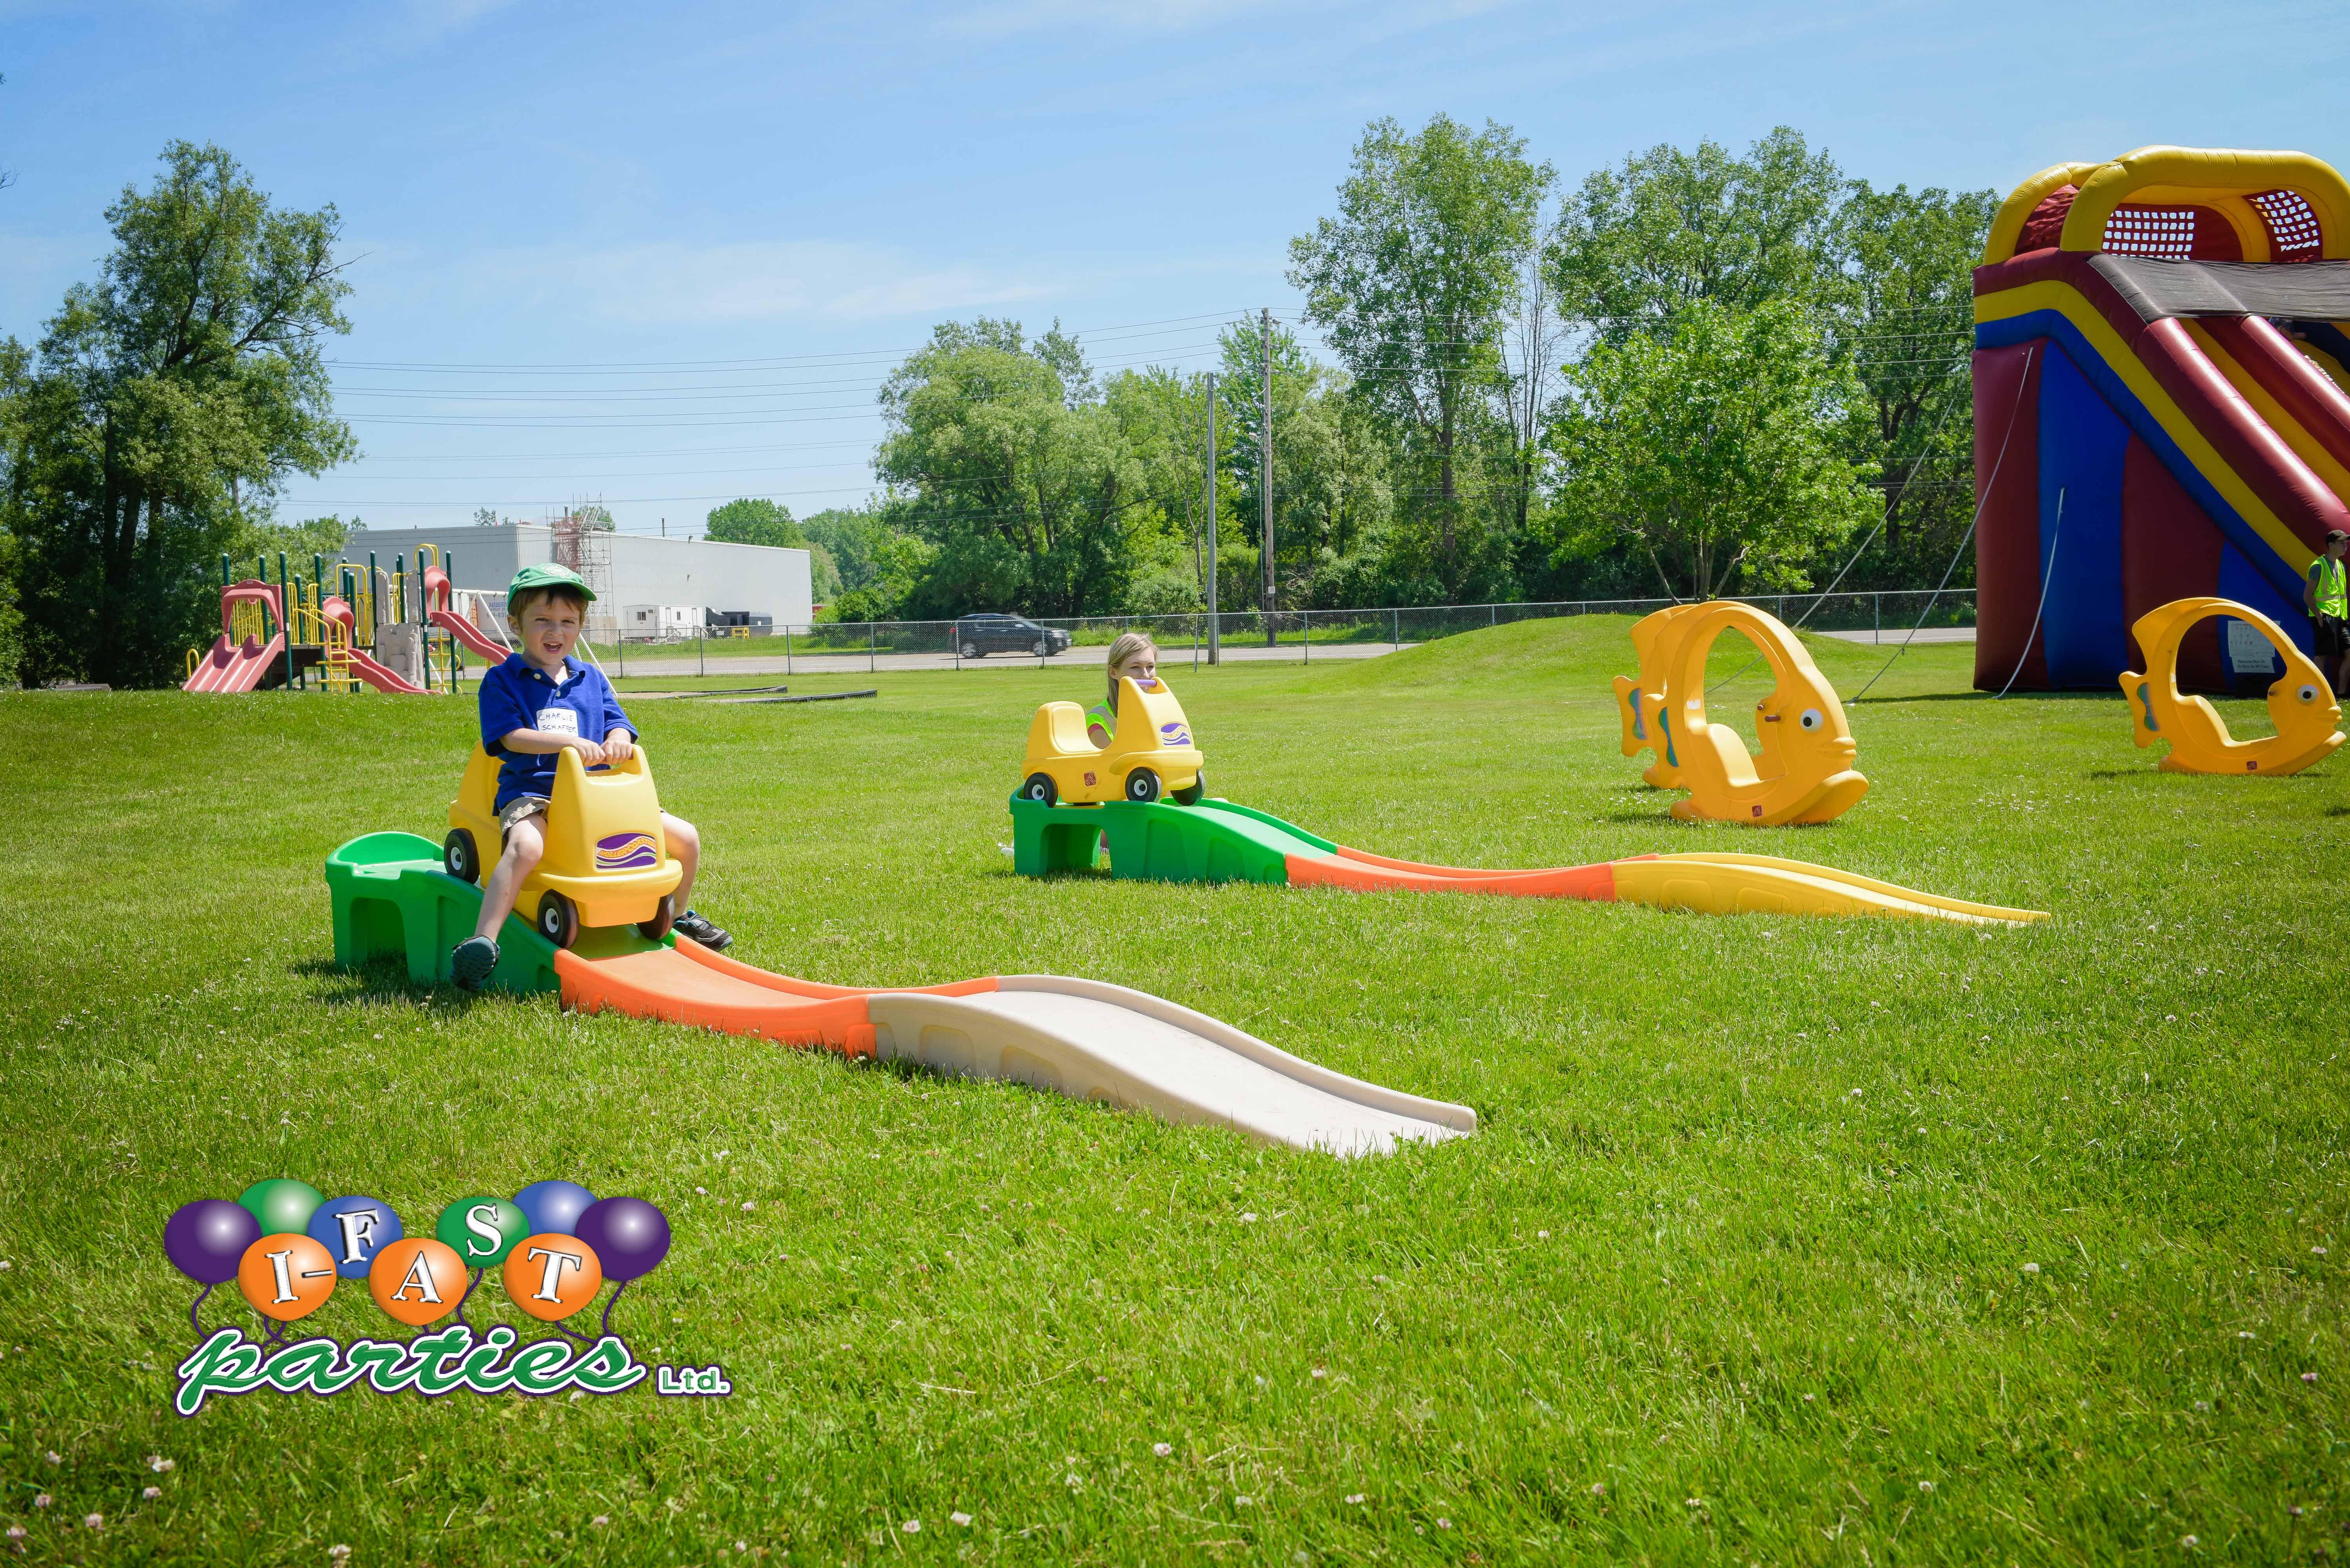 Toddler Roller Coaster